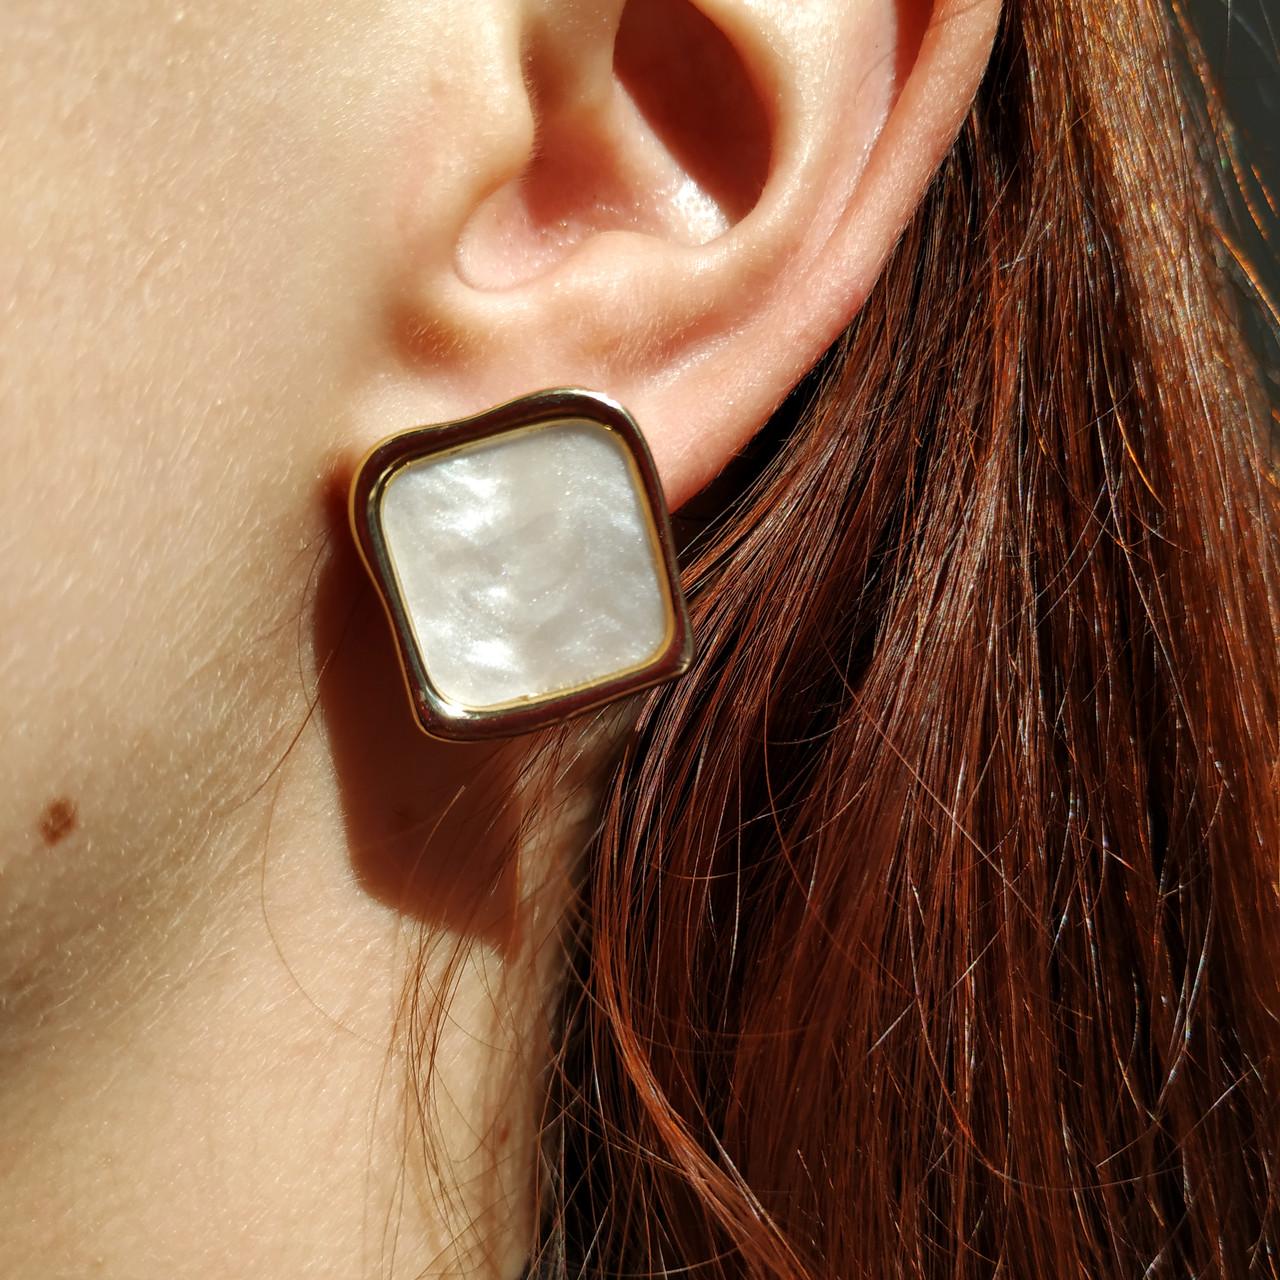 Сережки квадратні білі FASHION з медичного сплаву, жіночі сережки гвоздики квадрат позолота